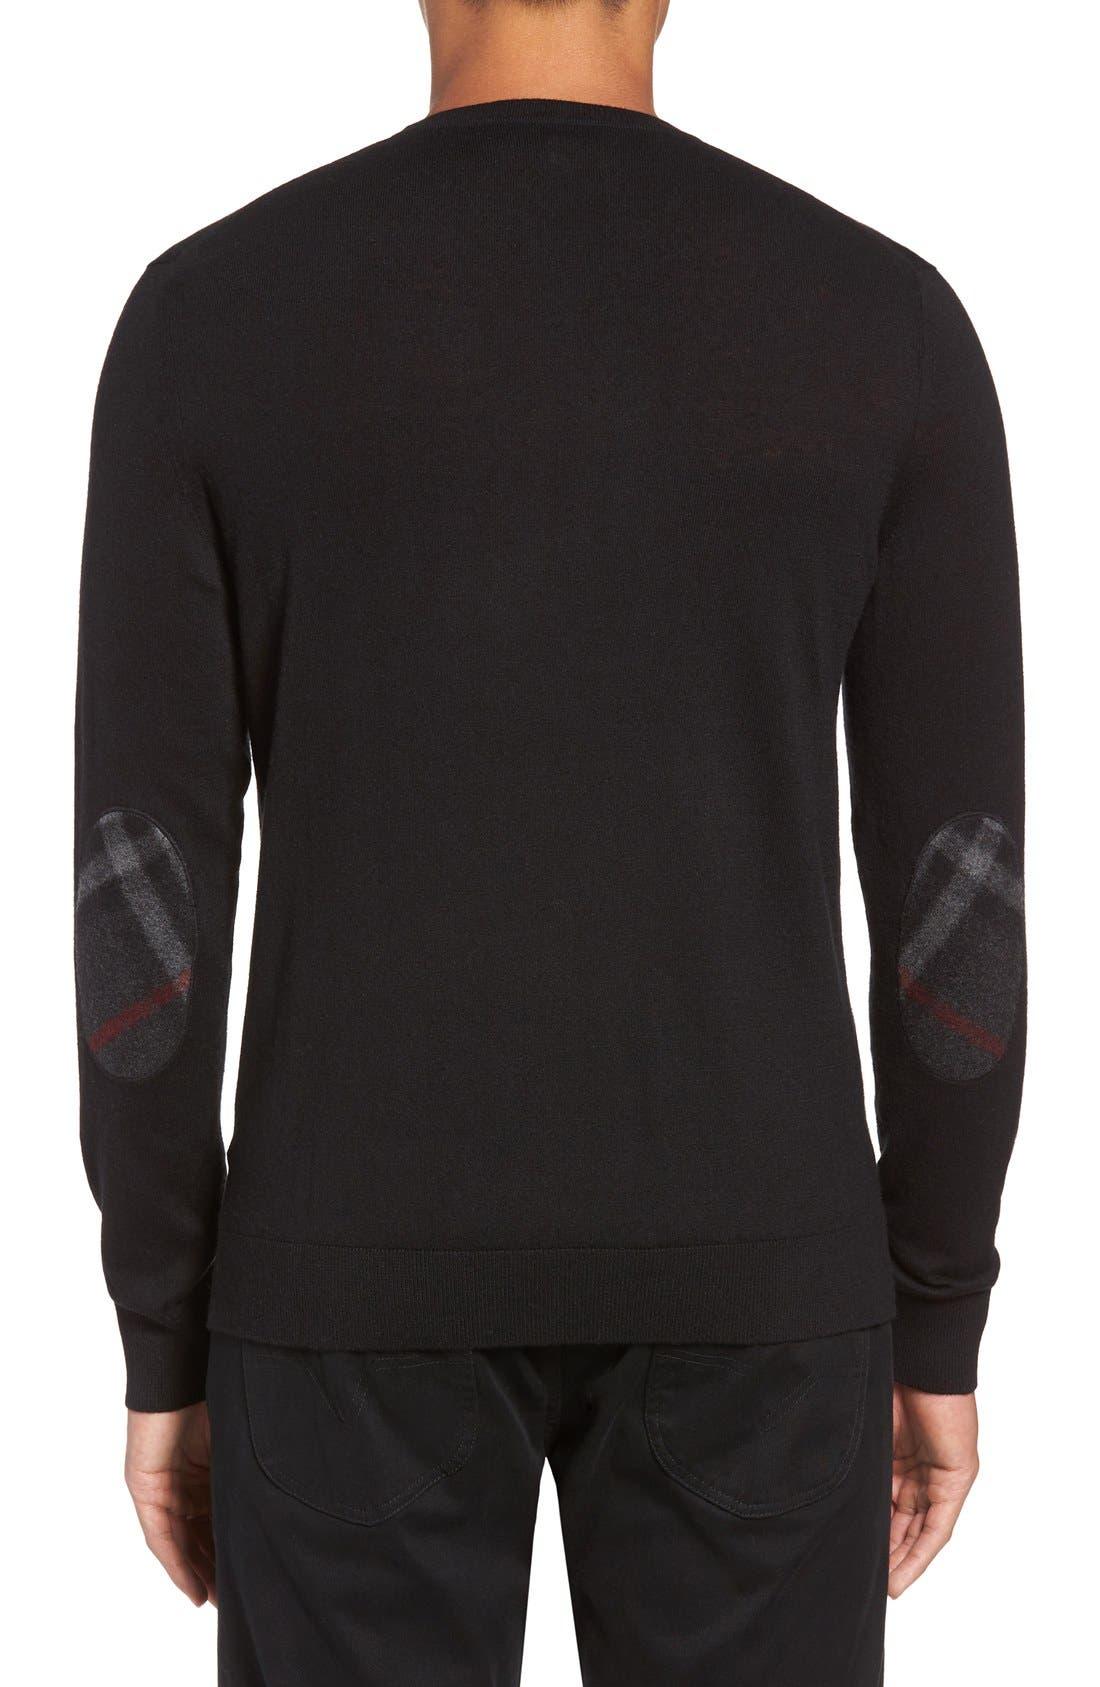 Brit Richmond Cotton & Cashmere Sweater,                             Alternate thumbnail 2, color,                             001